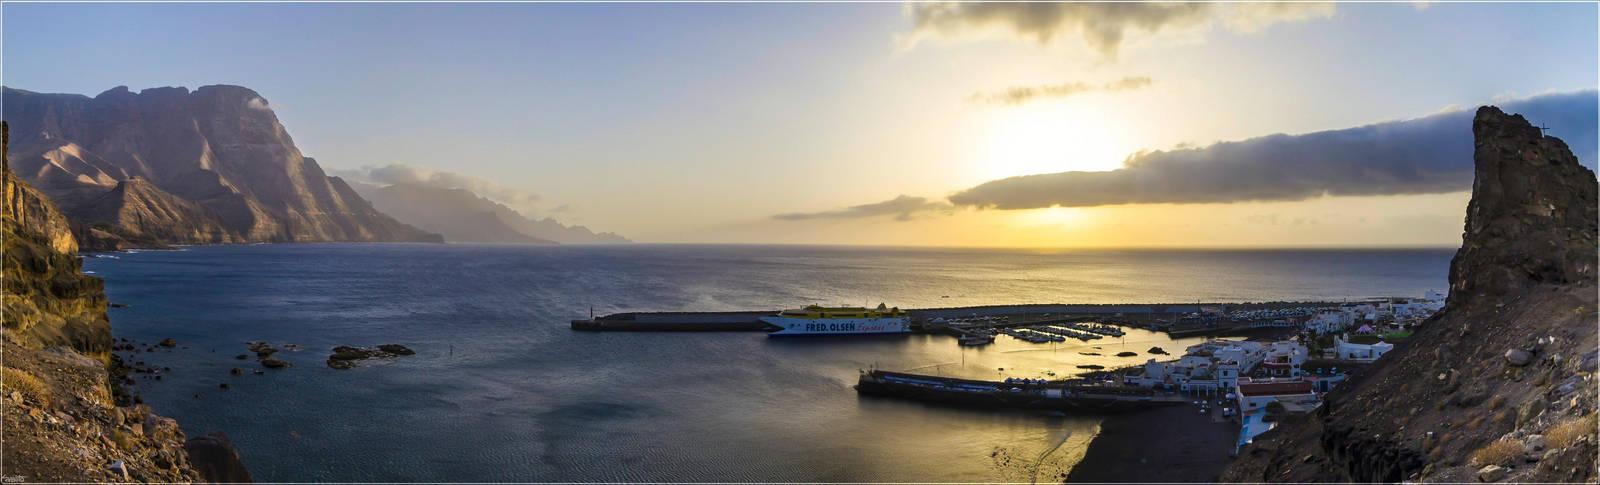 Puerto de Las Nieves by Kaslito